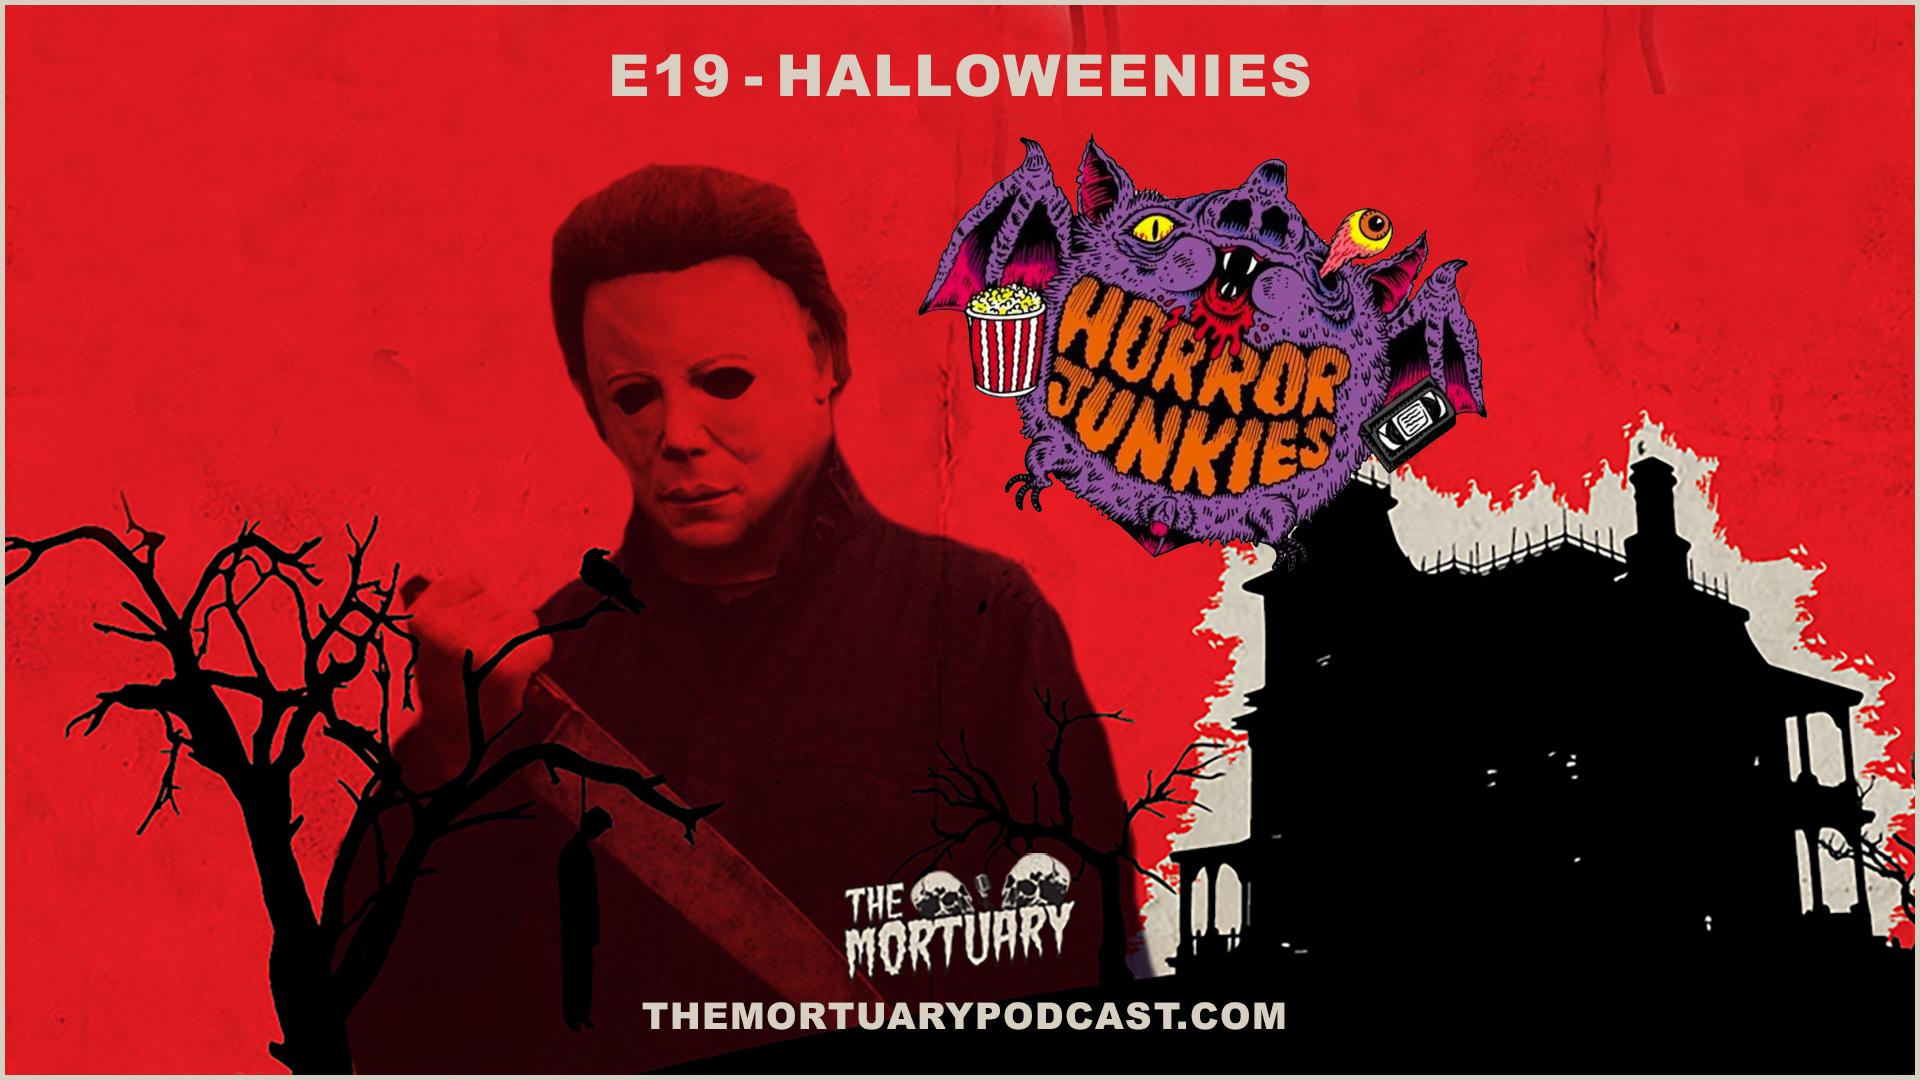 Horror Junkies Podcast Halloween John Carpenter 2018 Michael Myers